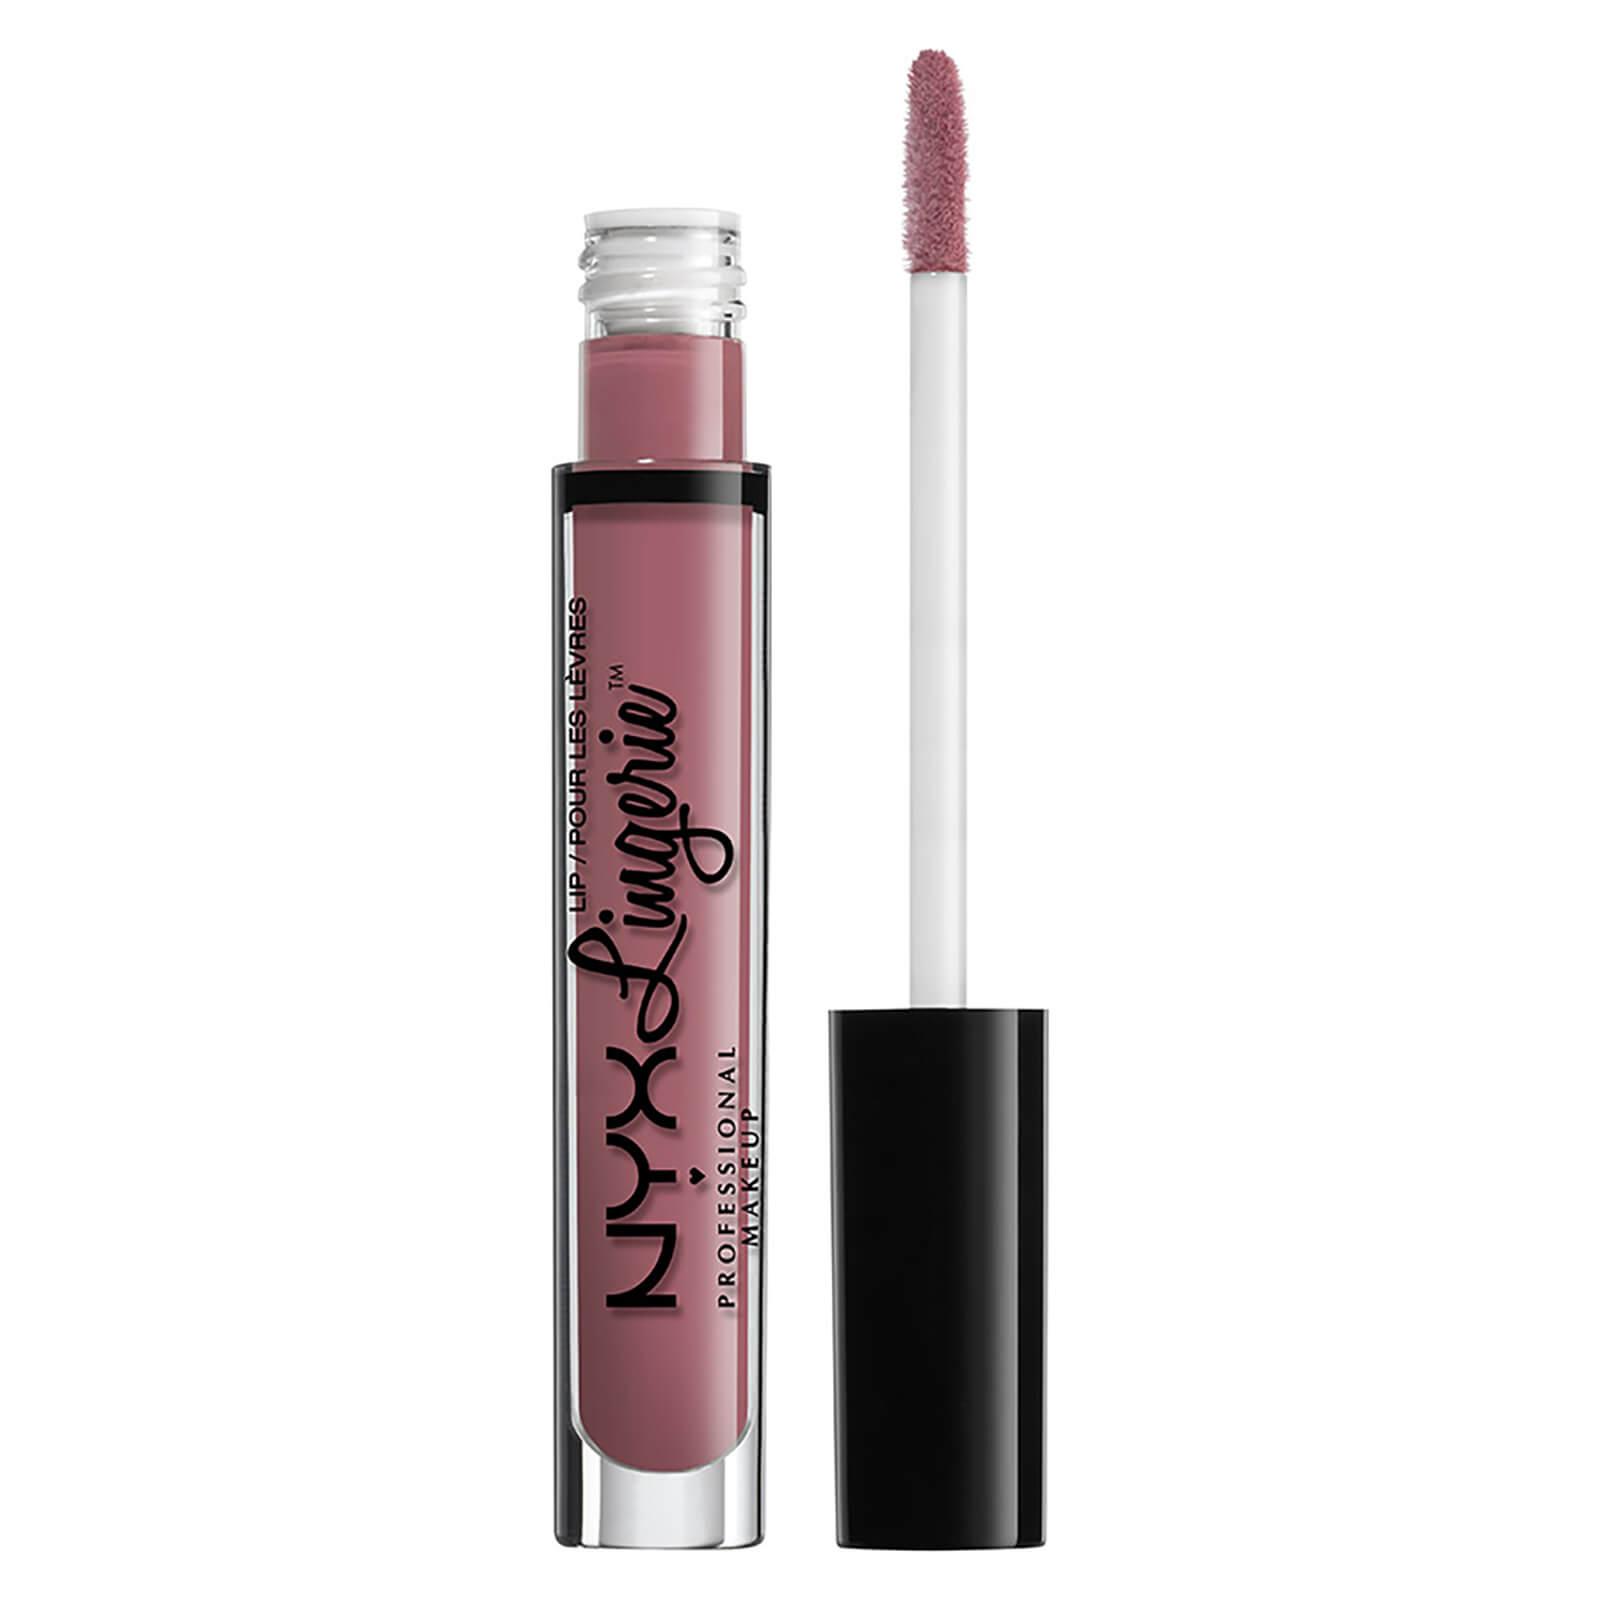 Купить Жидкая помада для губ NYX Professional Makeup Lip Lingerie Liquid Lipstick (разные оттенки) - Embellishment